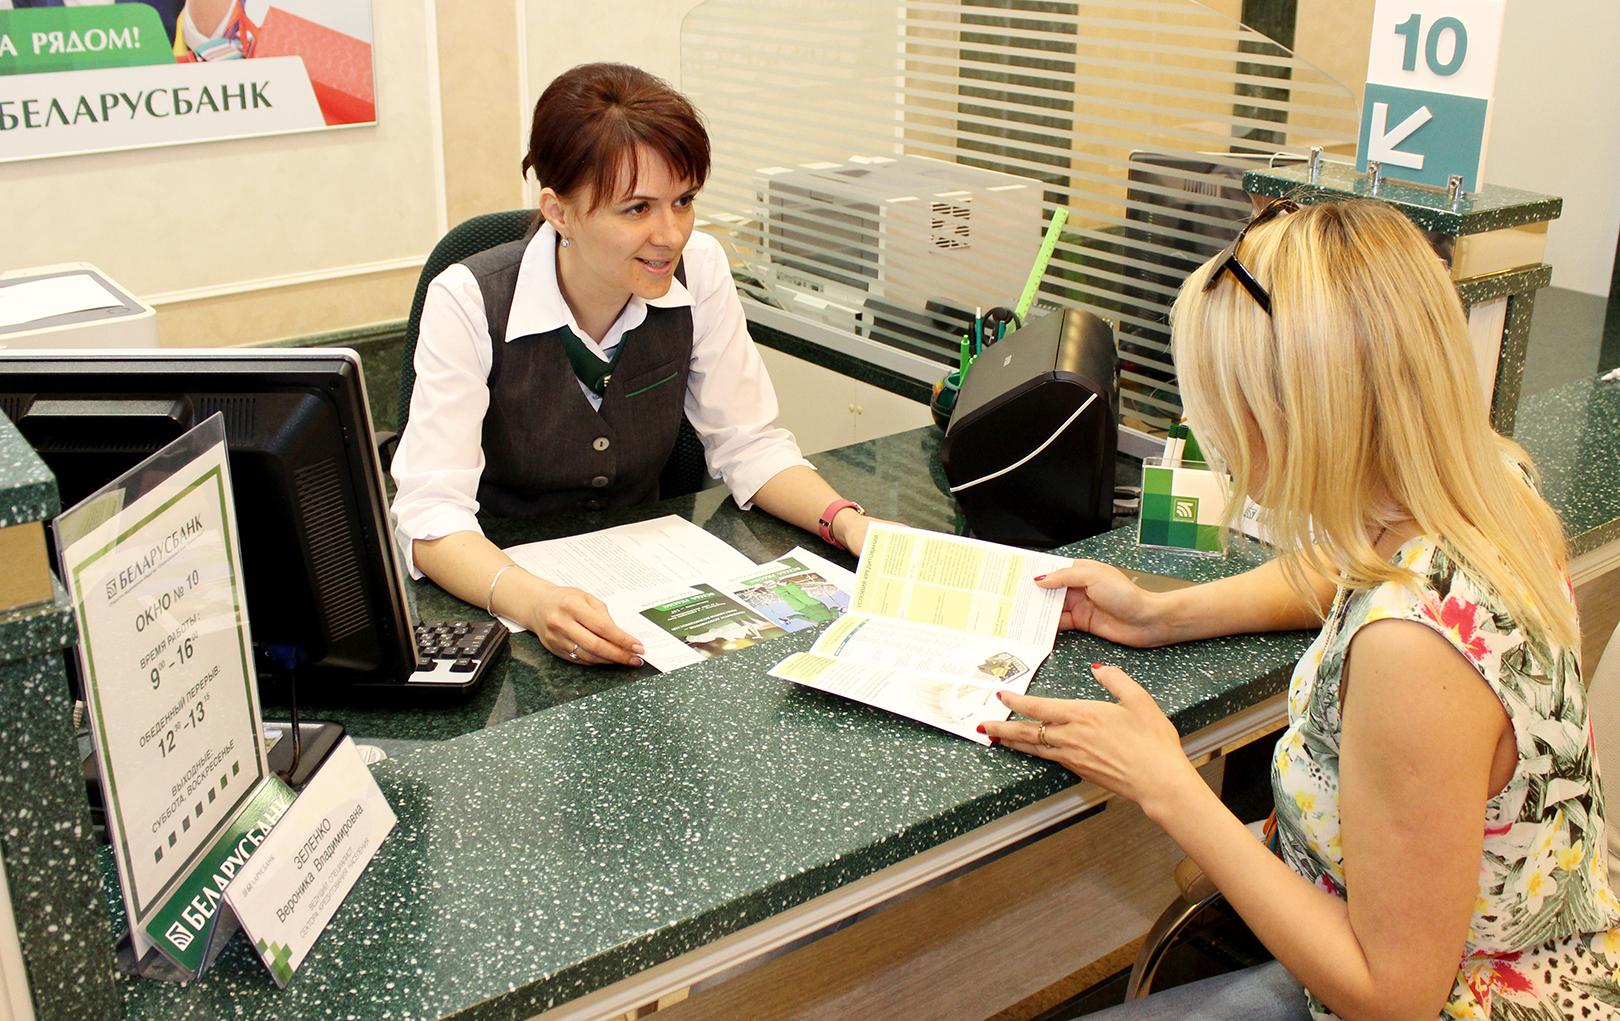 Почта банк отзывы клиентов по кредитам 2020